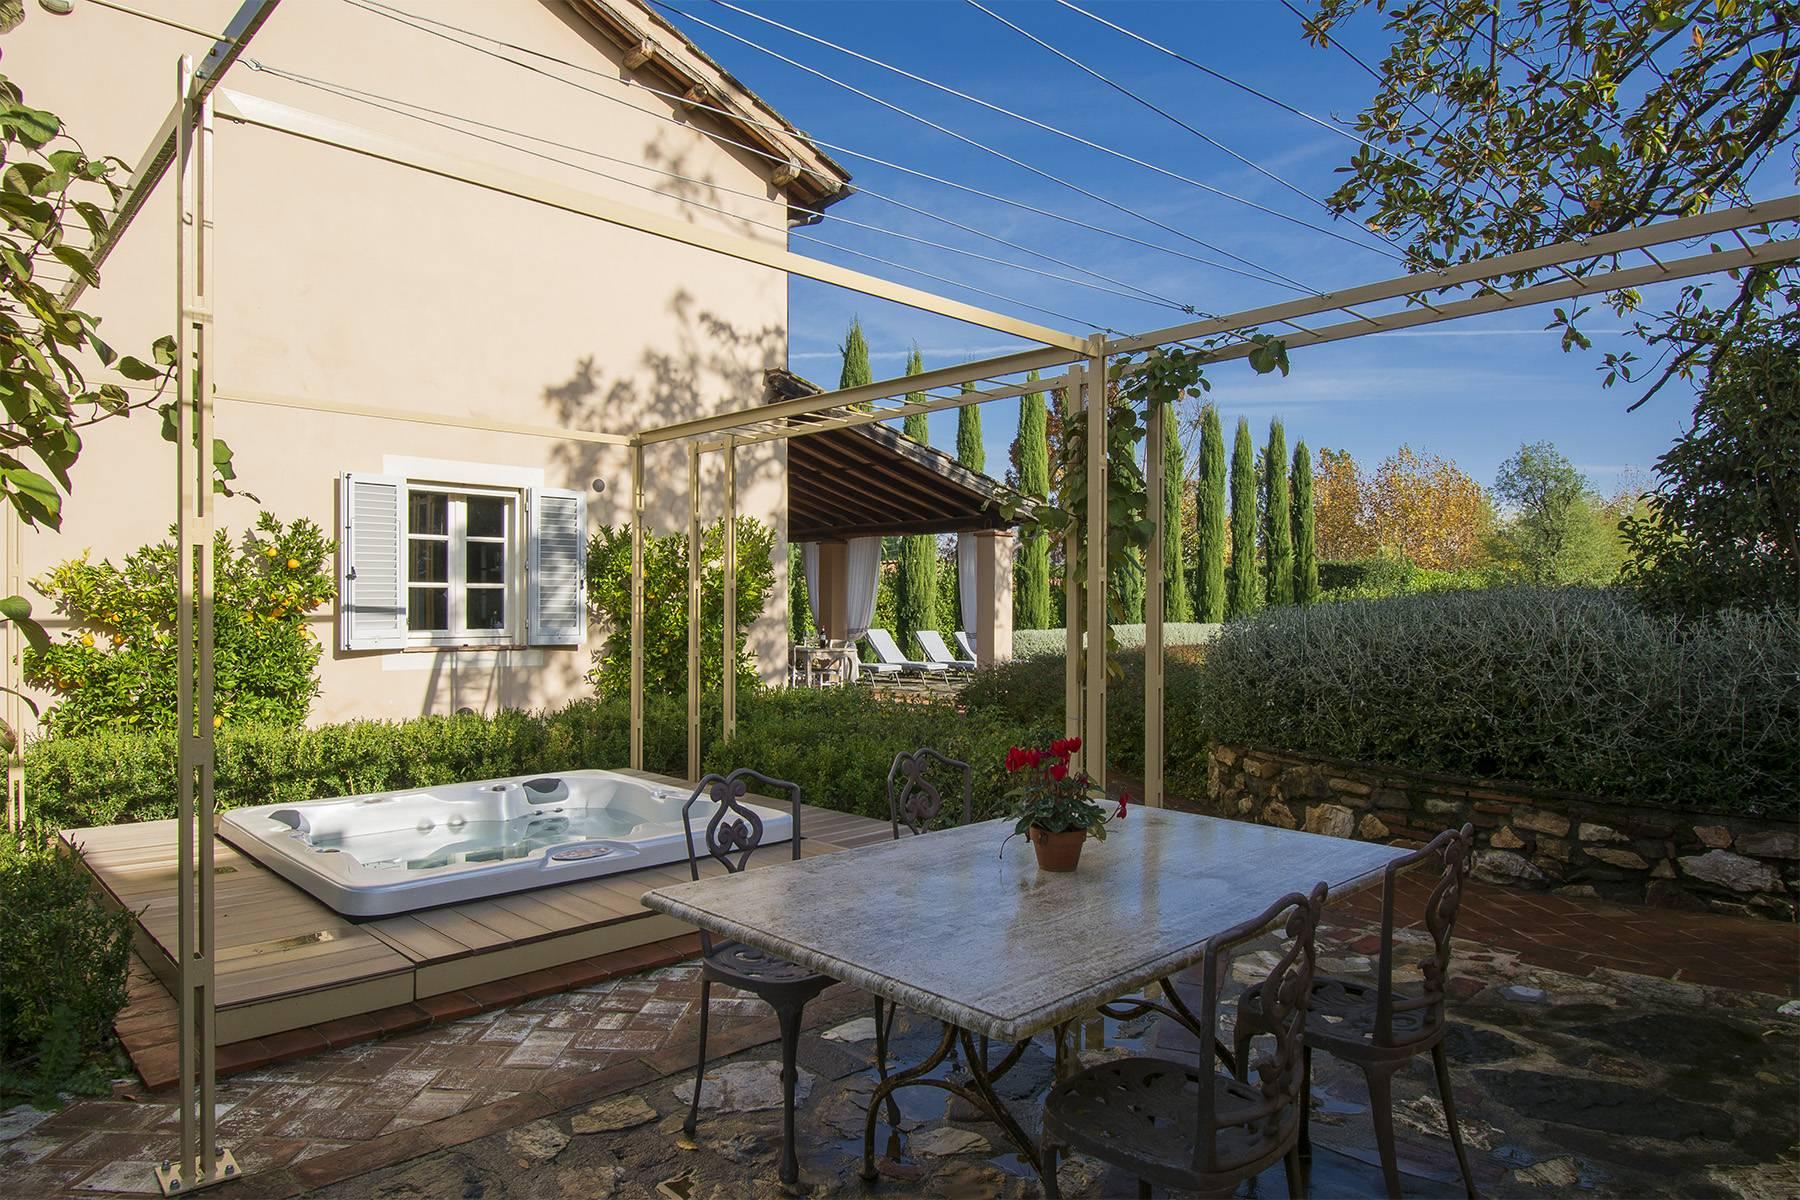 Casa indipendente in Vendita a Lucca: 5 locali, 130 mq - Foto 15